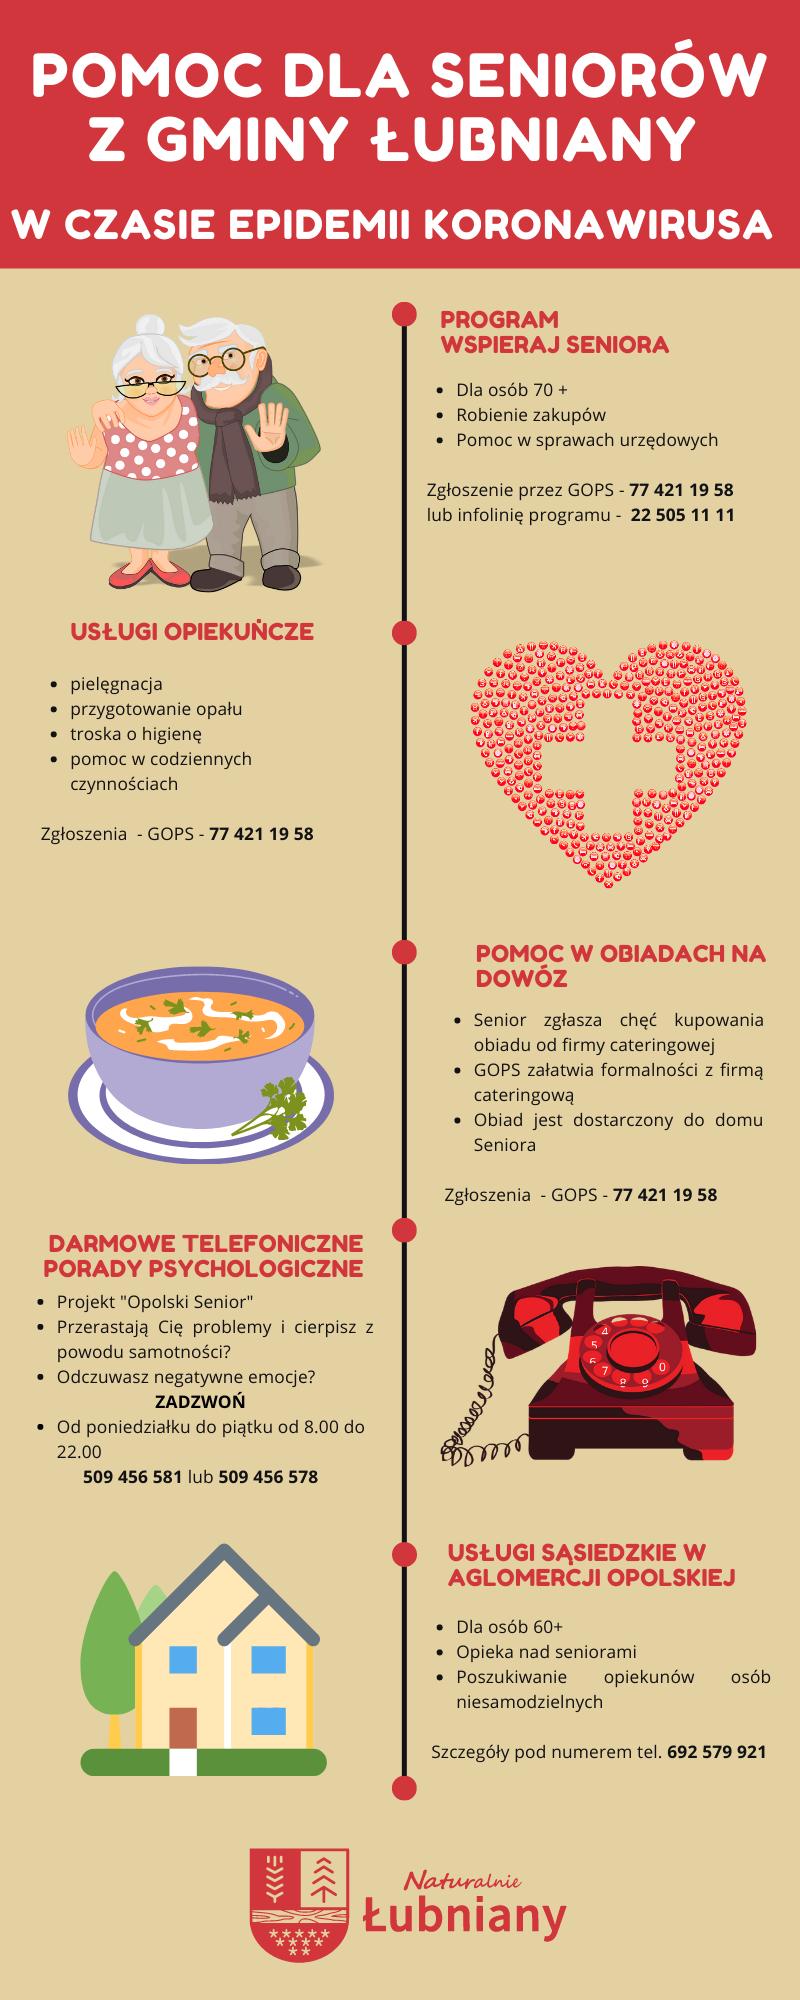 Grafika przedstawia formy pomocy, z jakich może skorzystać senior z Gminy Łubniany. Pomoc oferowana jest przez GOPS w Łubnianach, a także przez organizacje pożytku publicznego